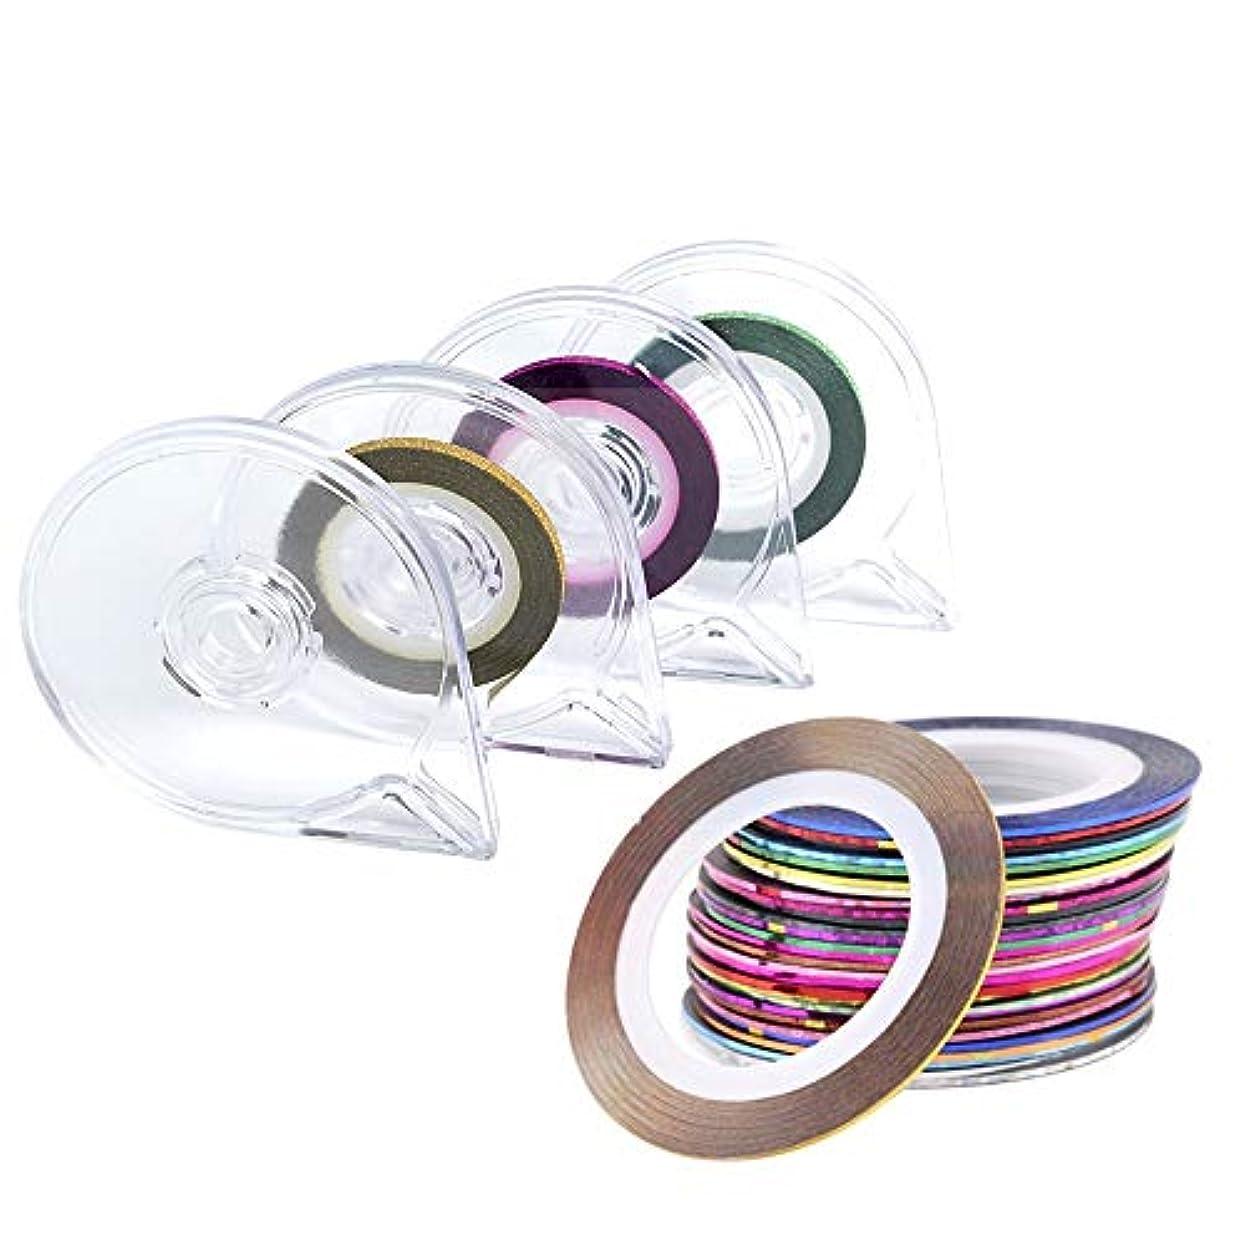 人質密接にサロンラインテープネイルアート用 ラインテープ シート ジェルネイル用 マニキュア セット ジェルネイル アート用ラインテープ 専用ケース付き 30ピース (Color : Mixed Colour)